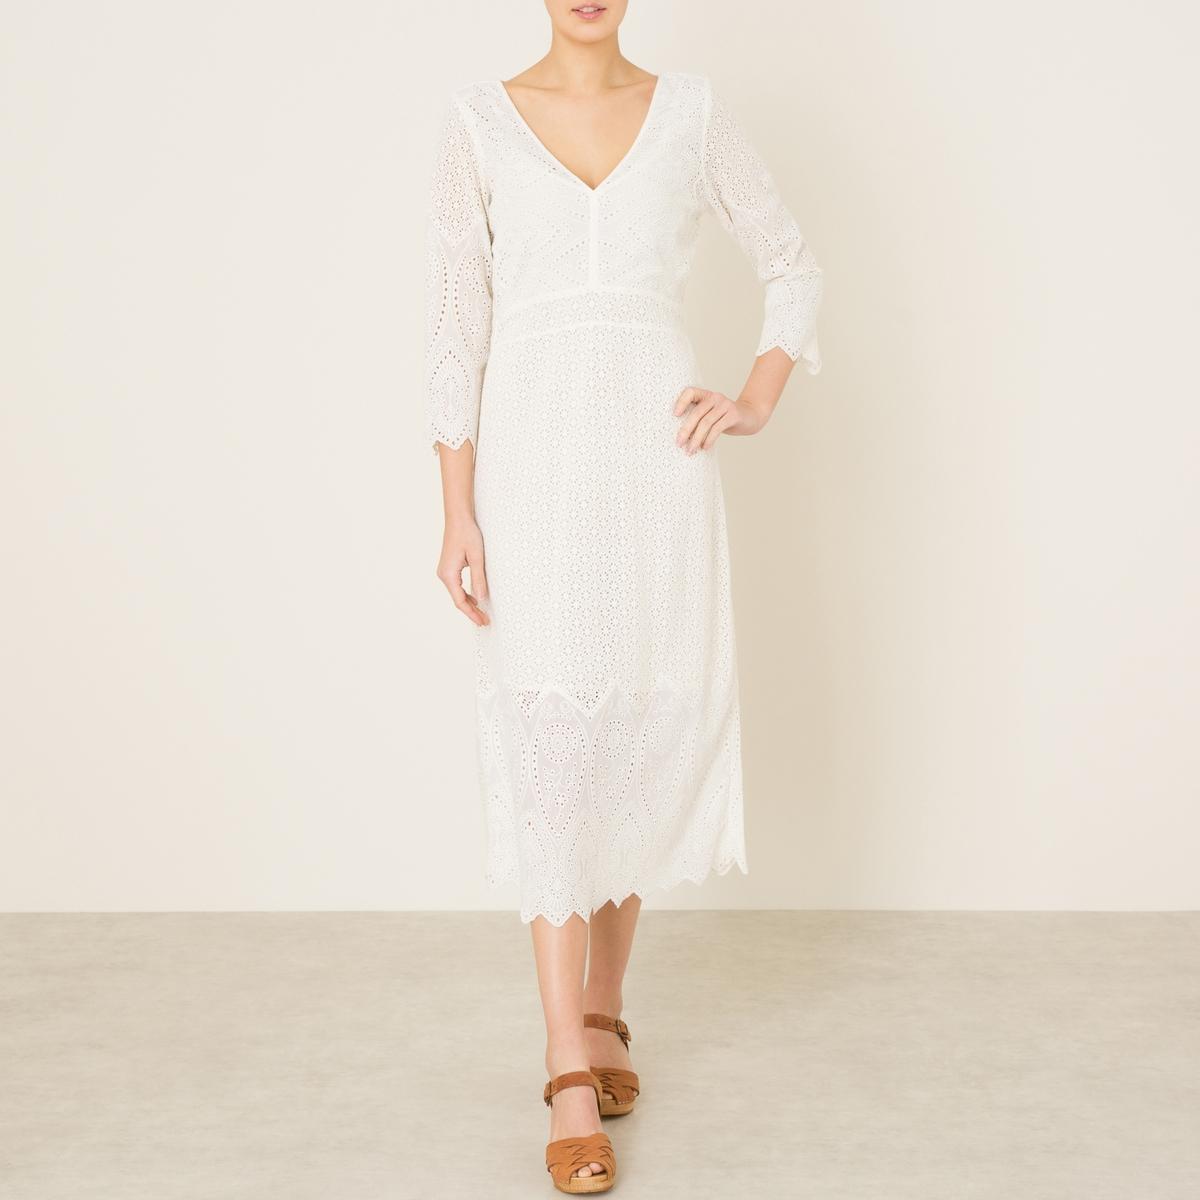 Платье с рукавами 3/4 с ажурной отделкой гипюромСостав и описание   Материал : 80% хлопок, 20% полиэстер.   Марка : STELLA FOREST<br><br>Цвет: экрю<br>Размер: 40 (FR) - 46 (RUS)